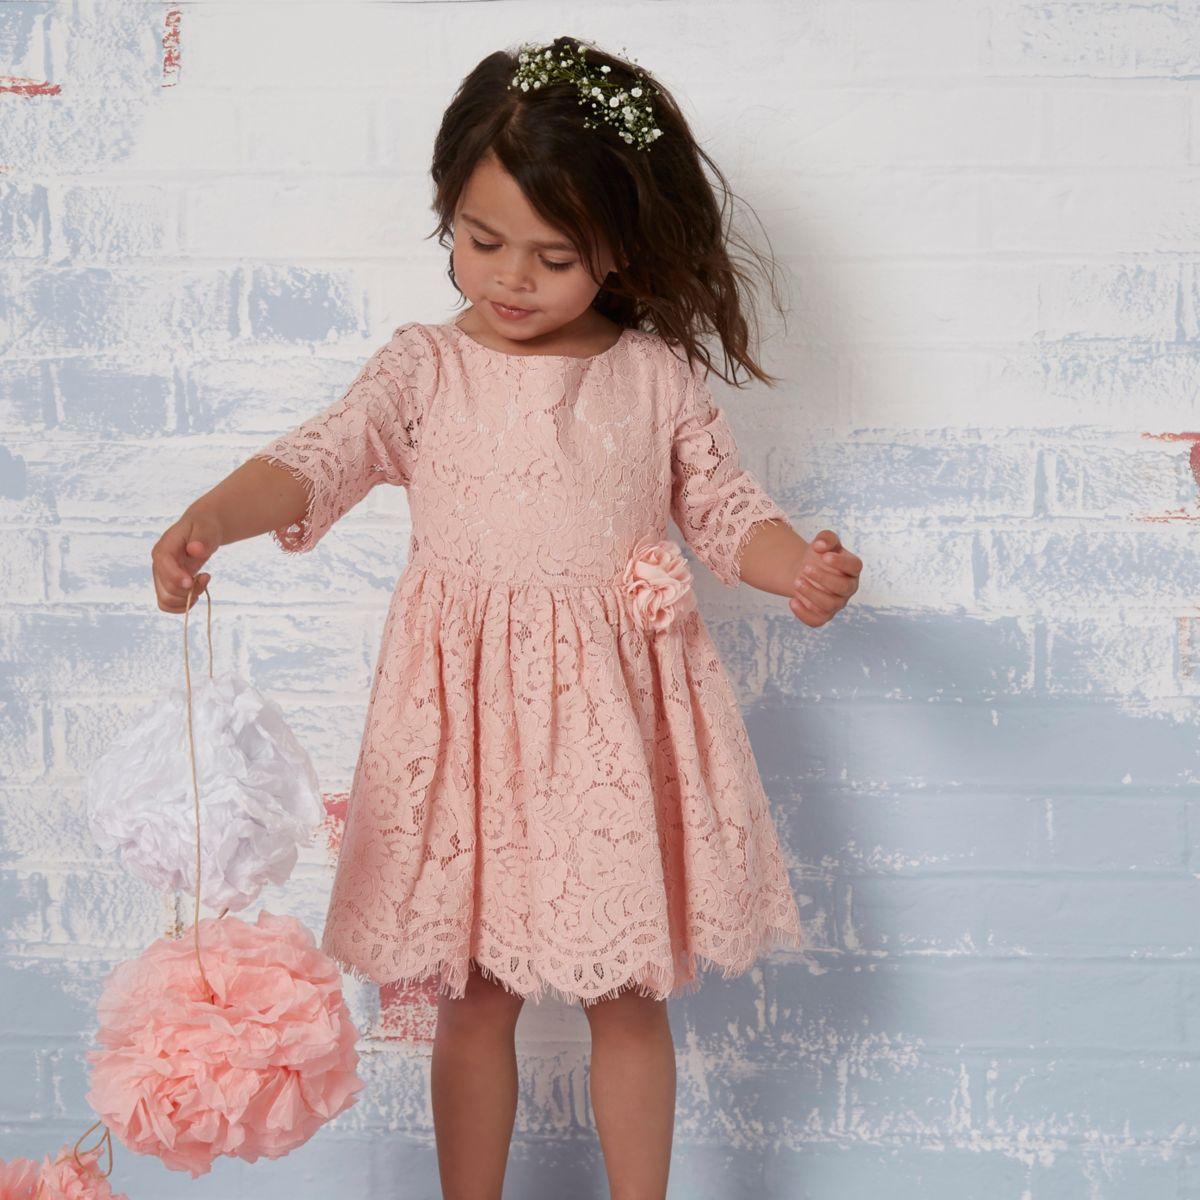 Mini - Roze kanten jurk met bloemencorsage voor meisjes